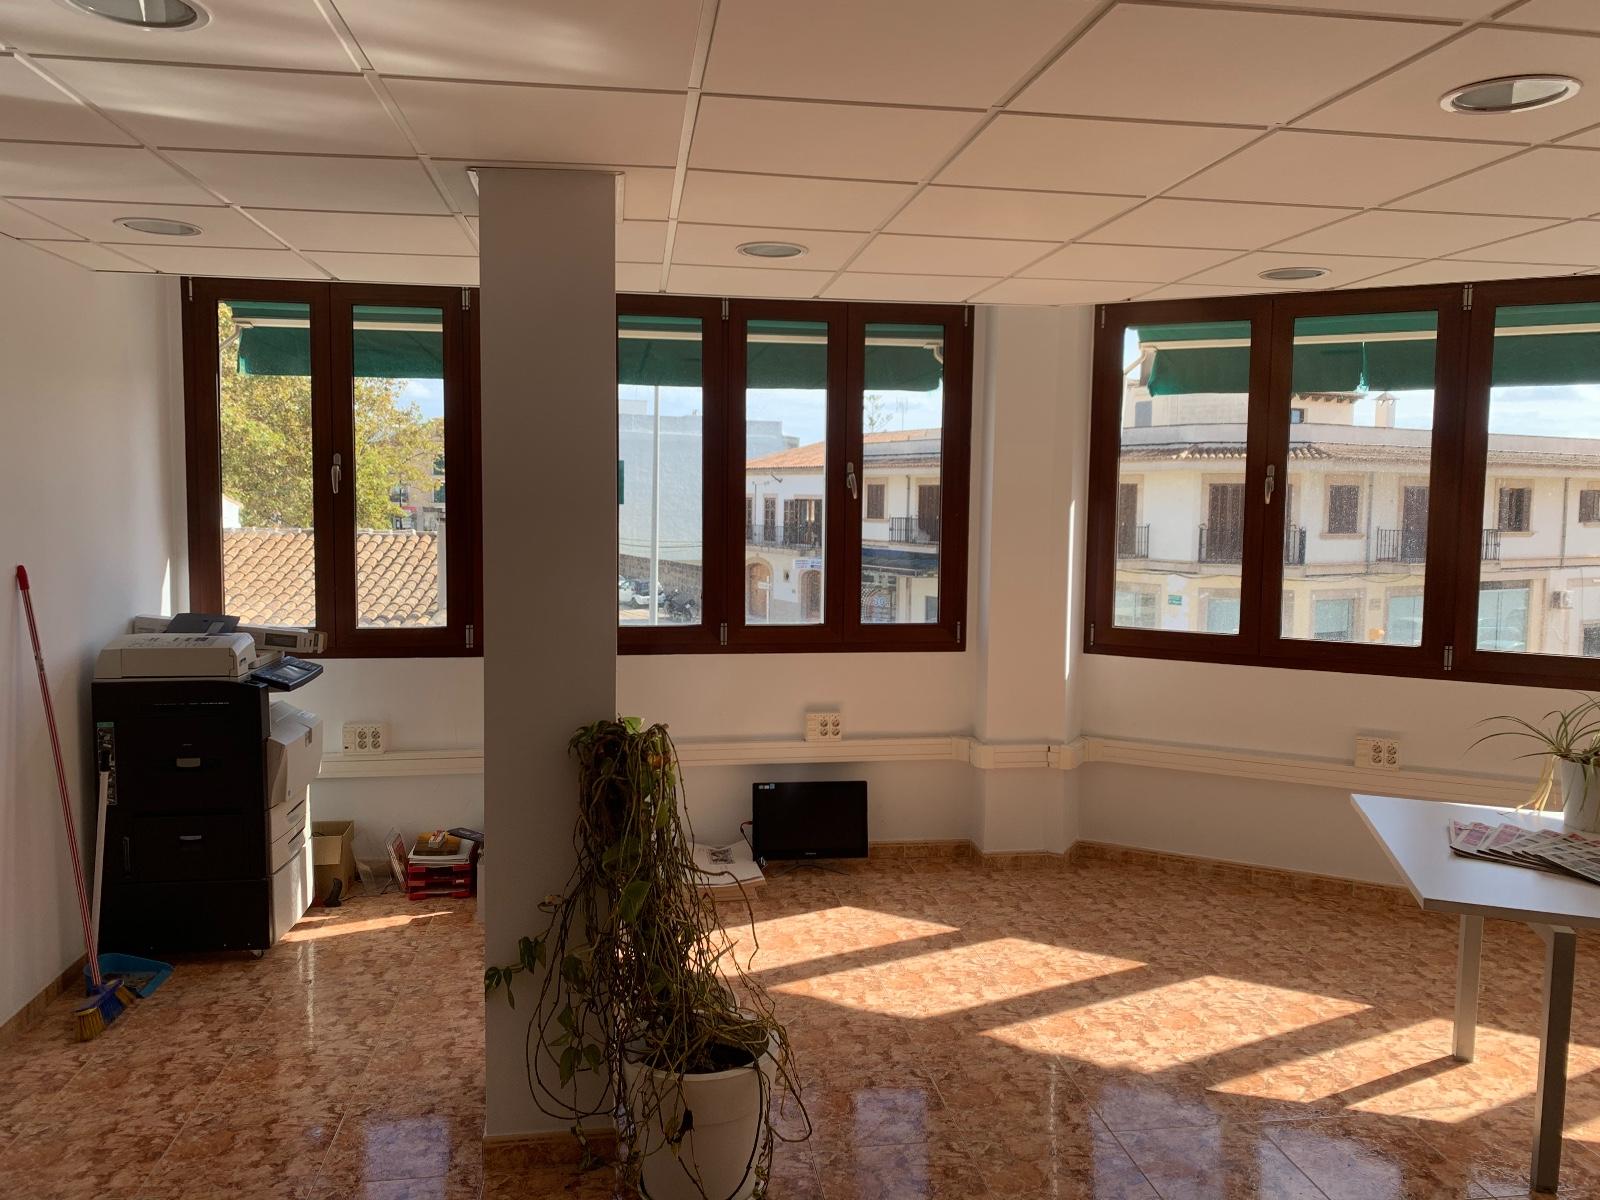 Büro / Office / Edificio 07620